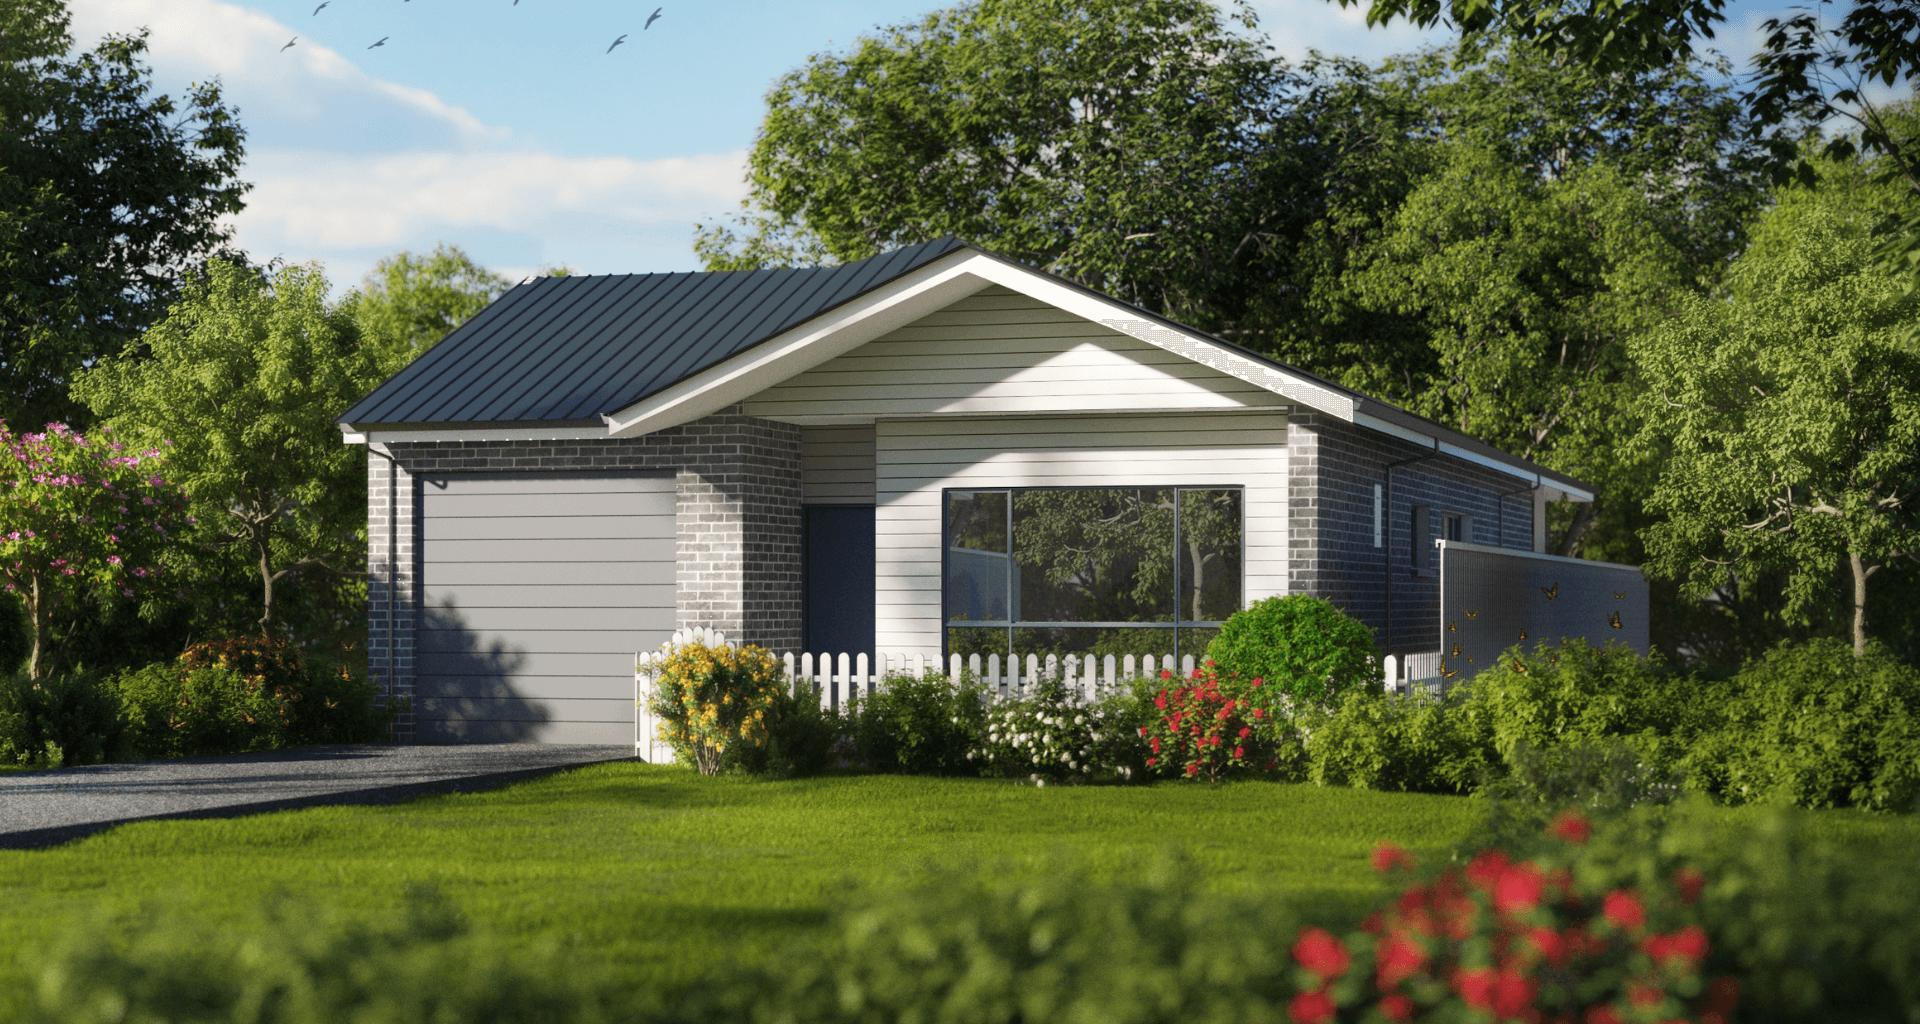 Propertyrender.com